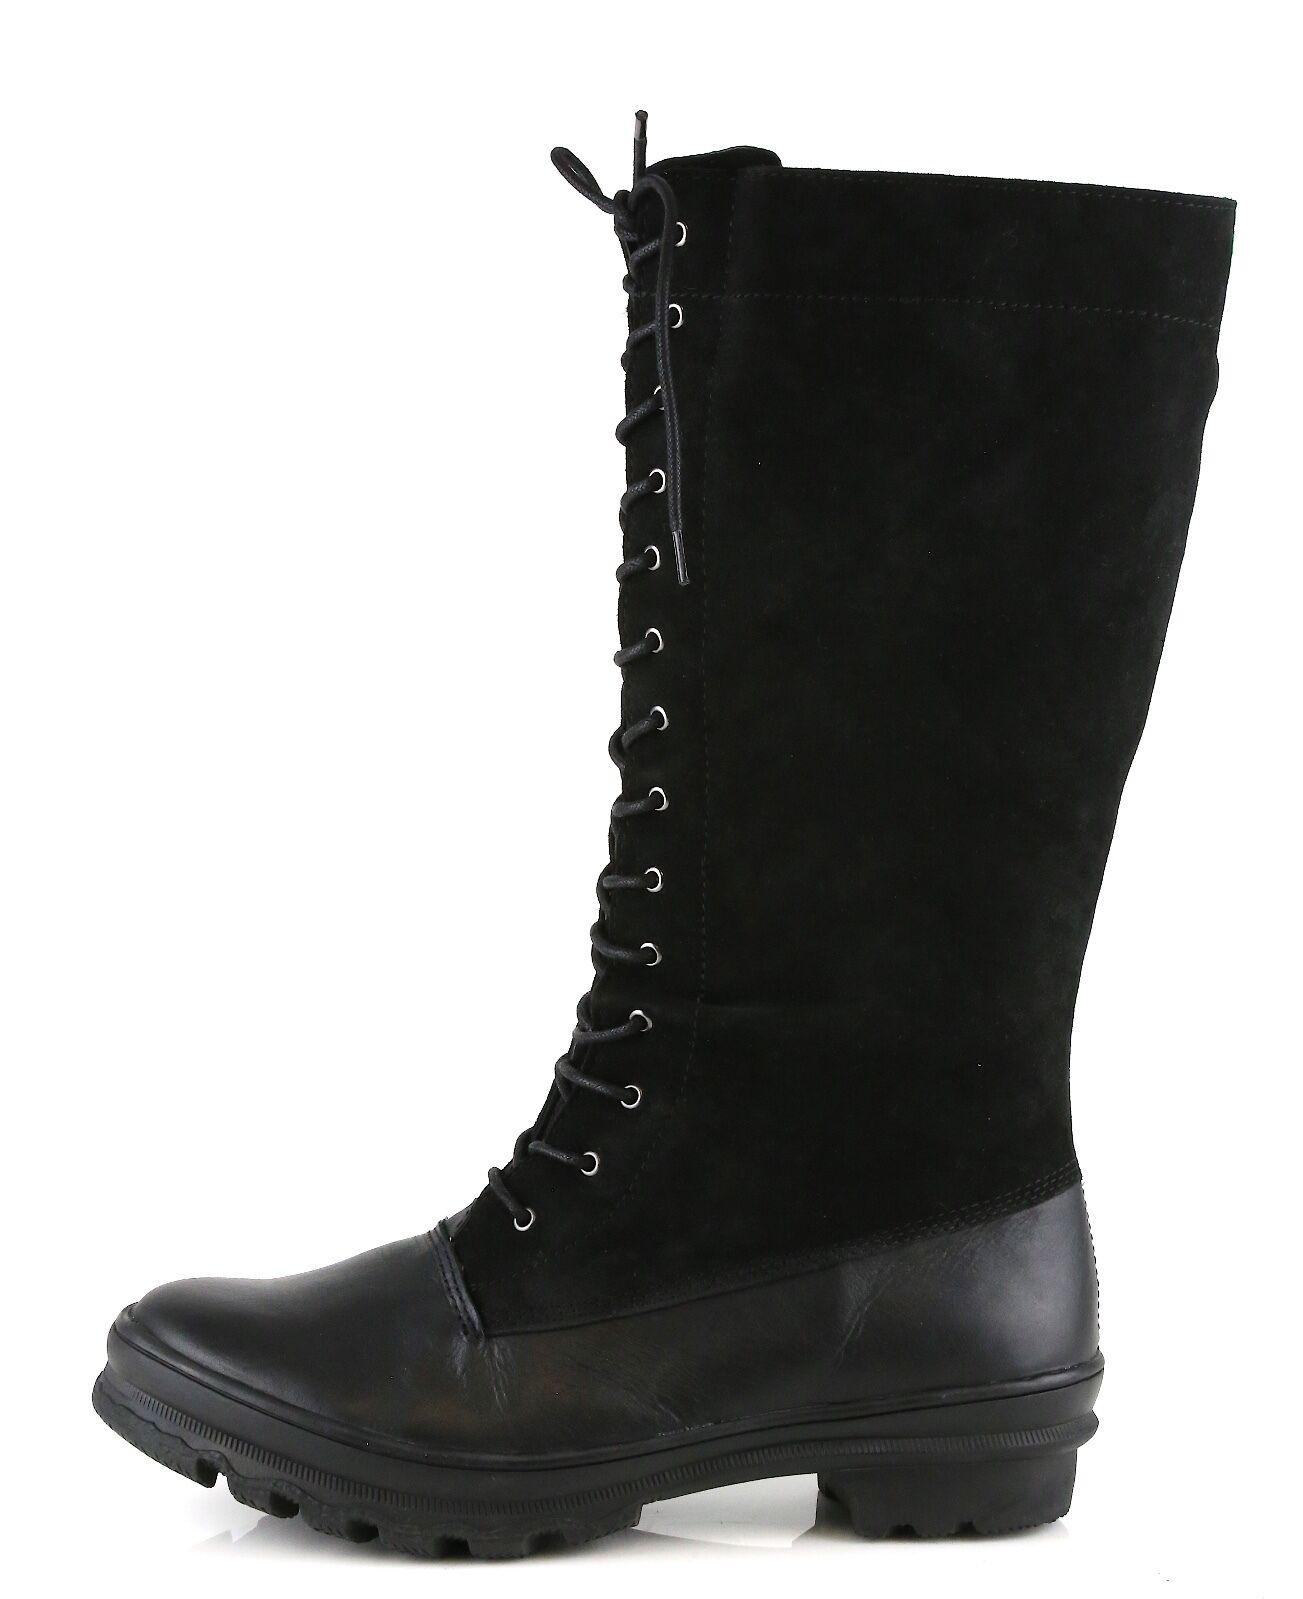 Cougar Portico Mujer Negro Cuero Cuero Cuero Impermeable botas 8480 tamaño 6 M  nuevo